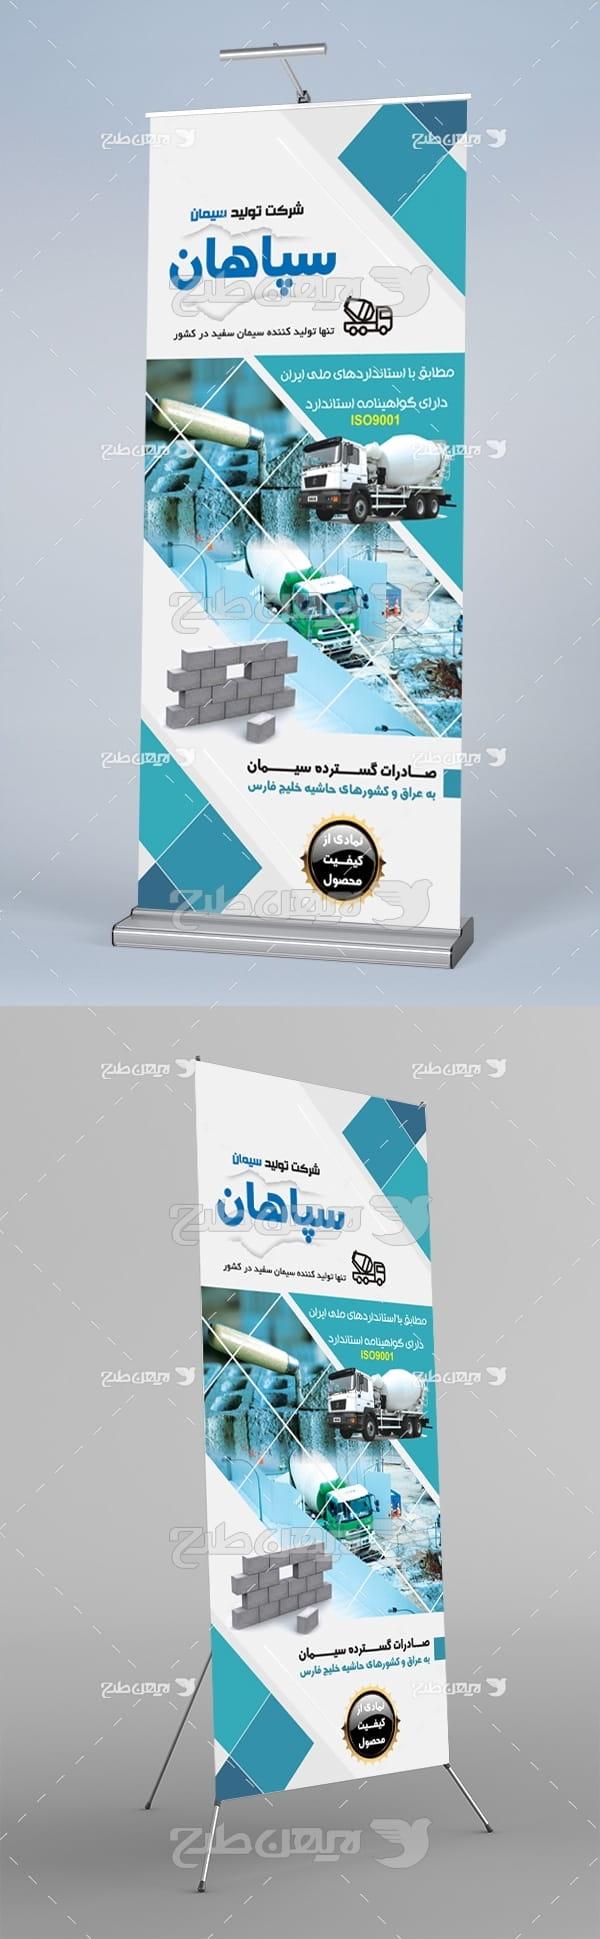 طرح لایه باز استند شرکت تولید سیمان سپاهان